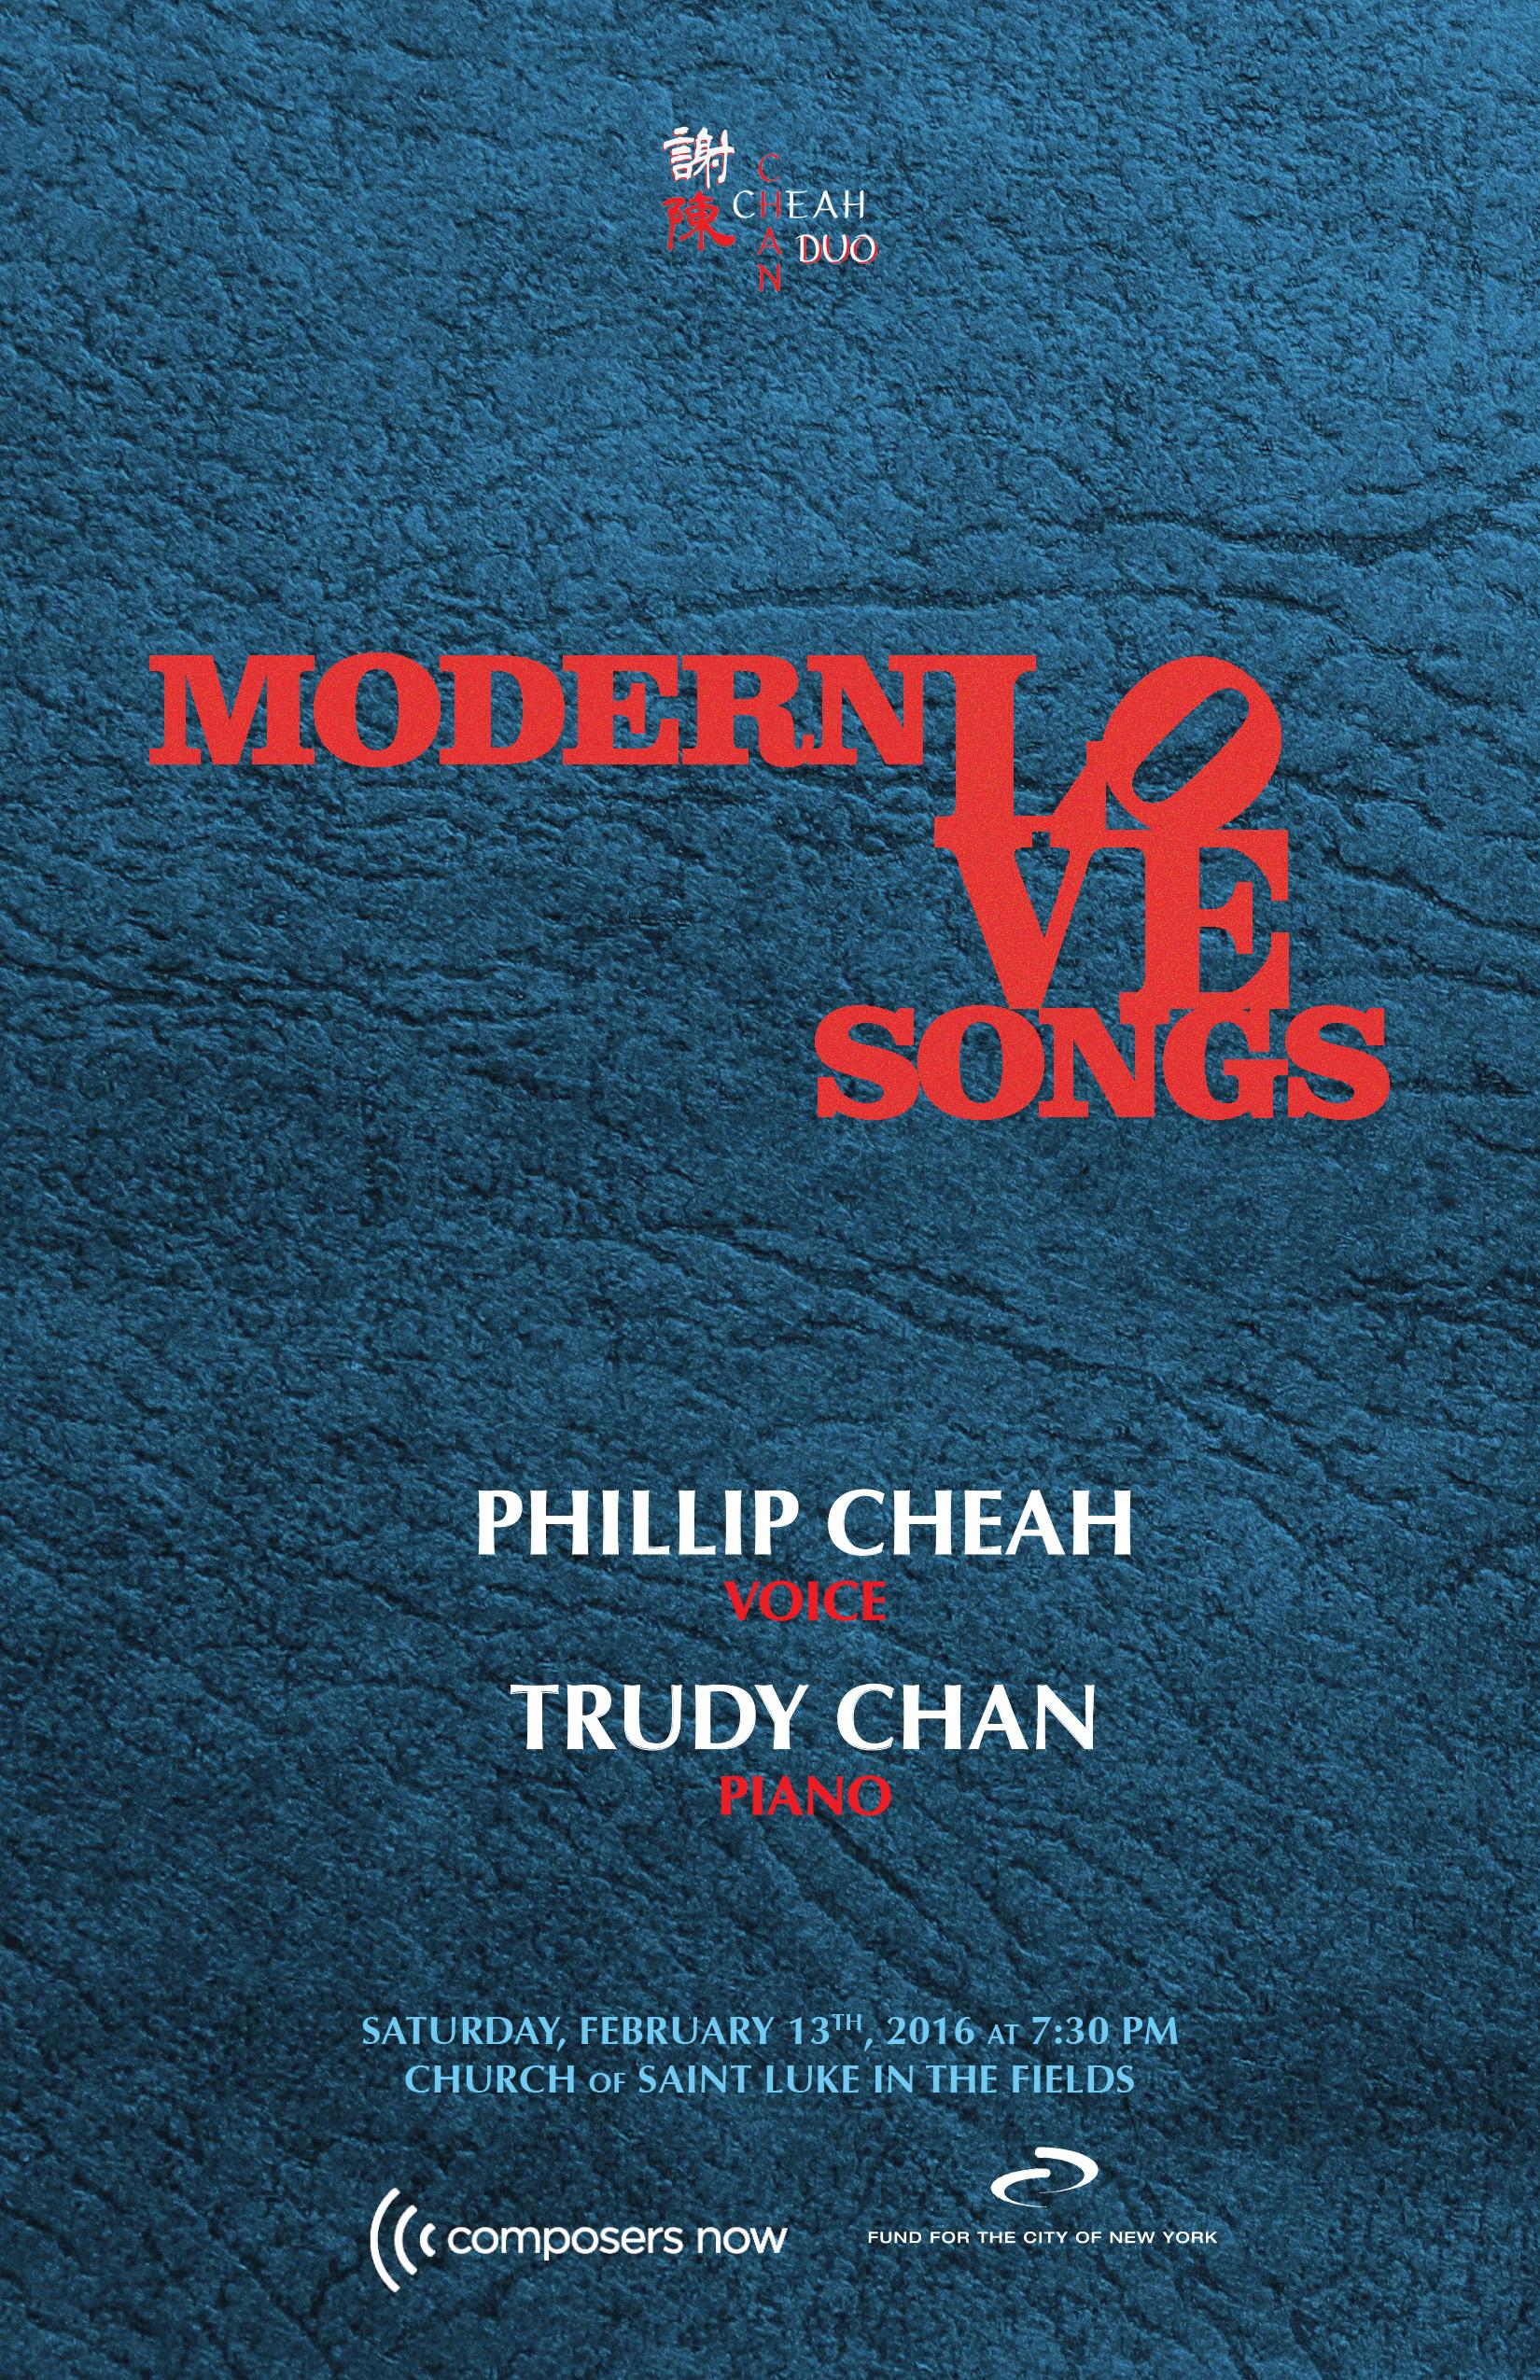 Modern Love Songs Programme Cover for website.jpg